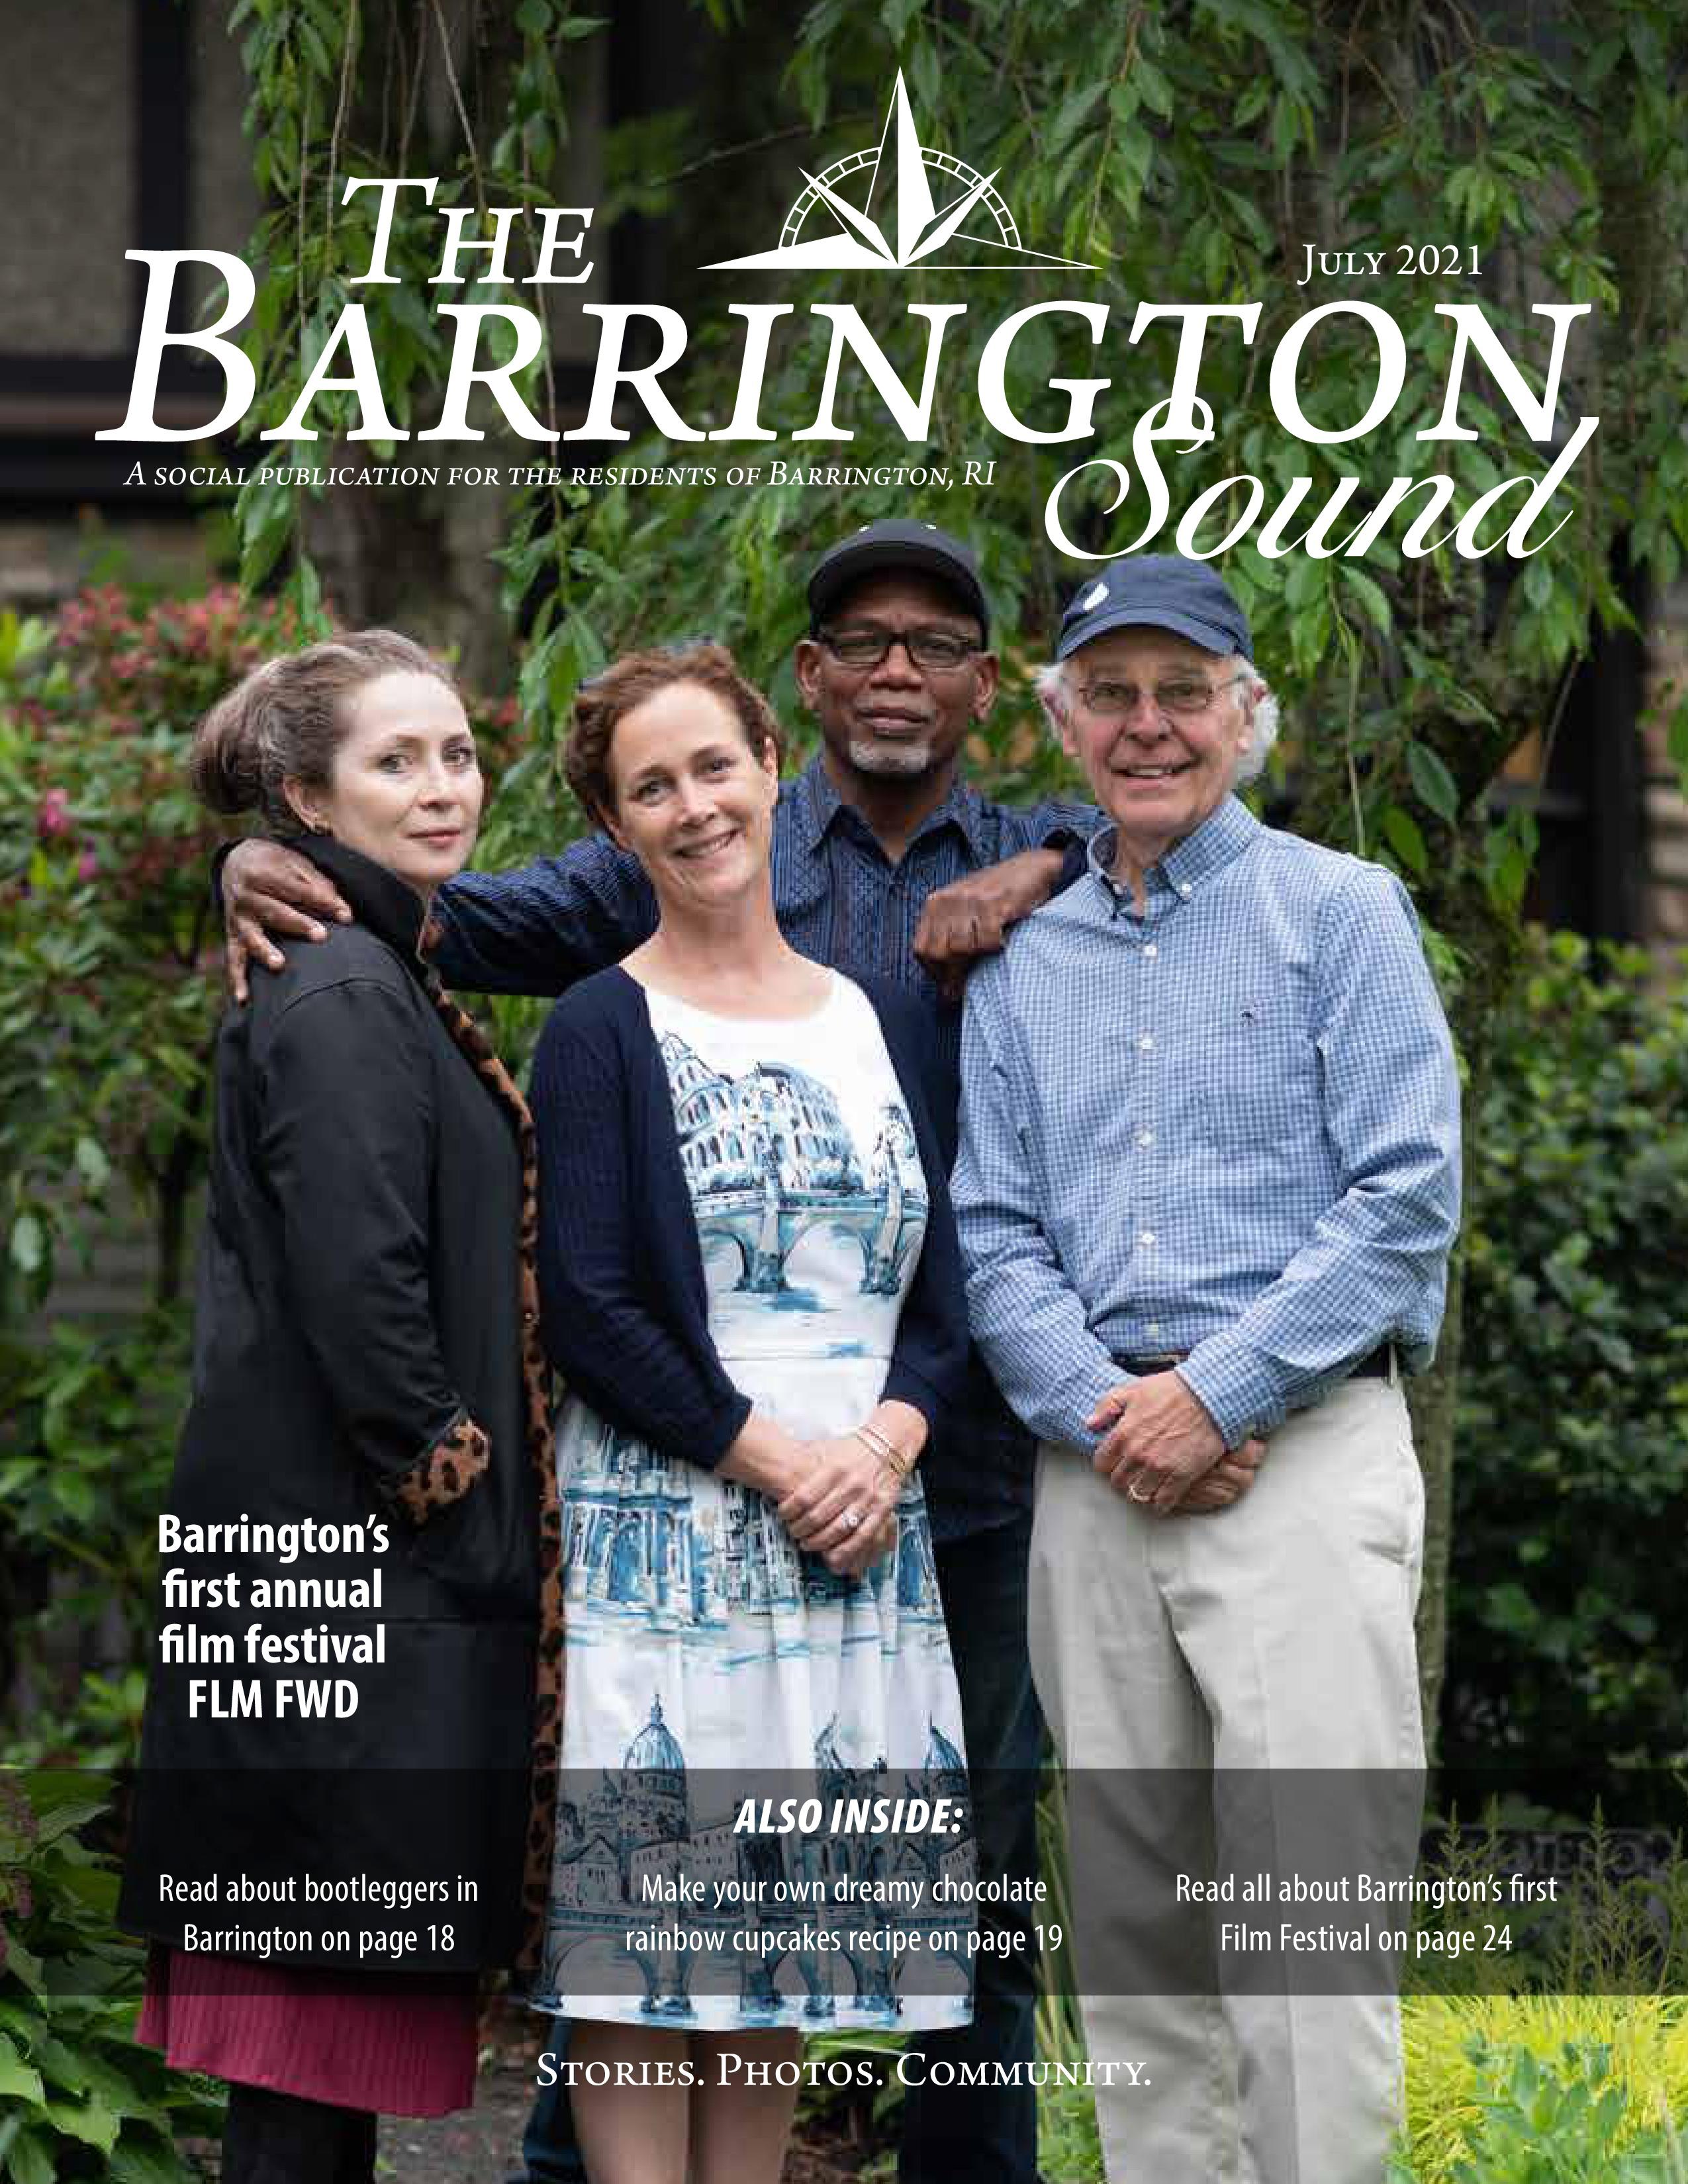 The Barrington Sound 2021-07-01